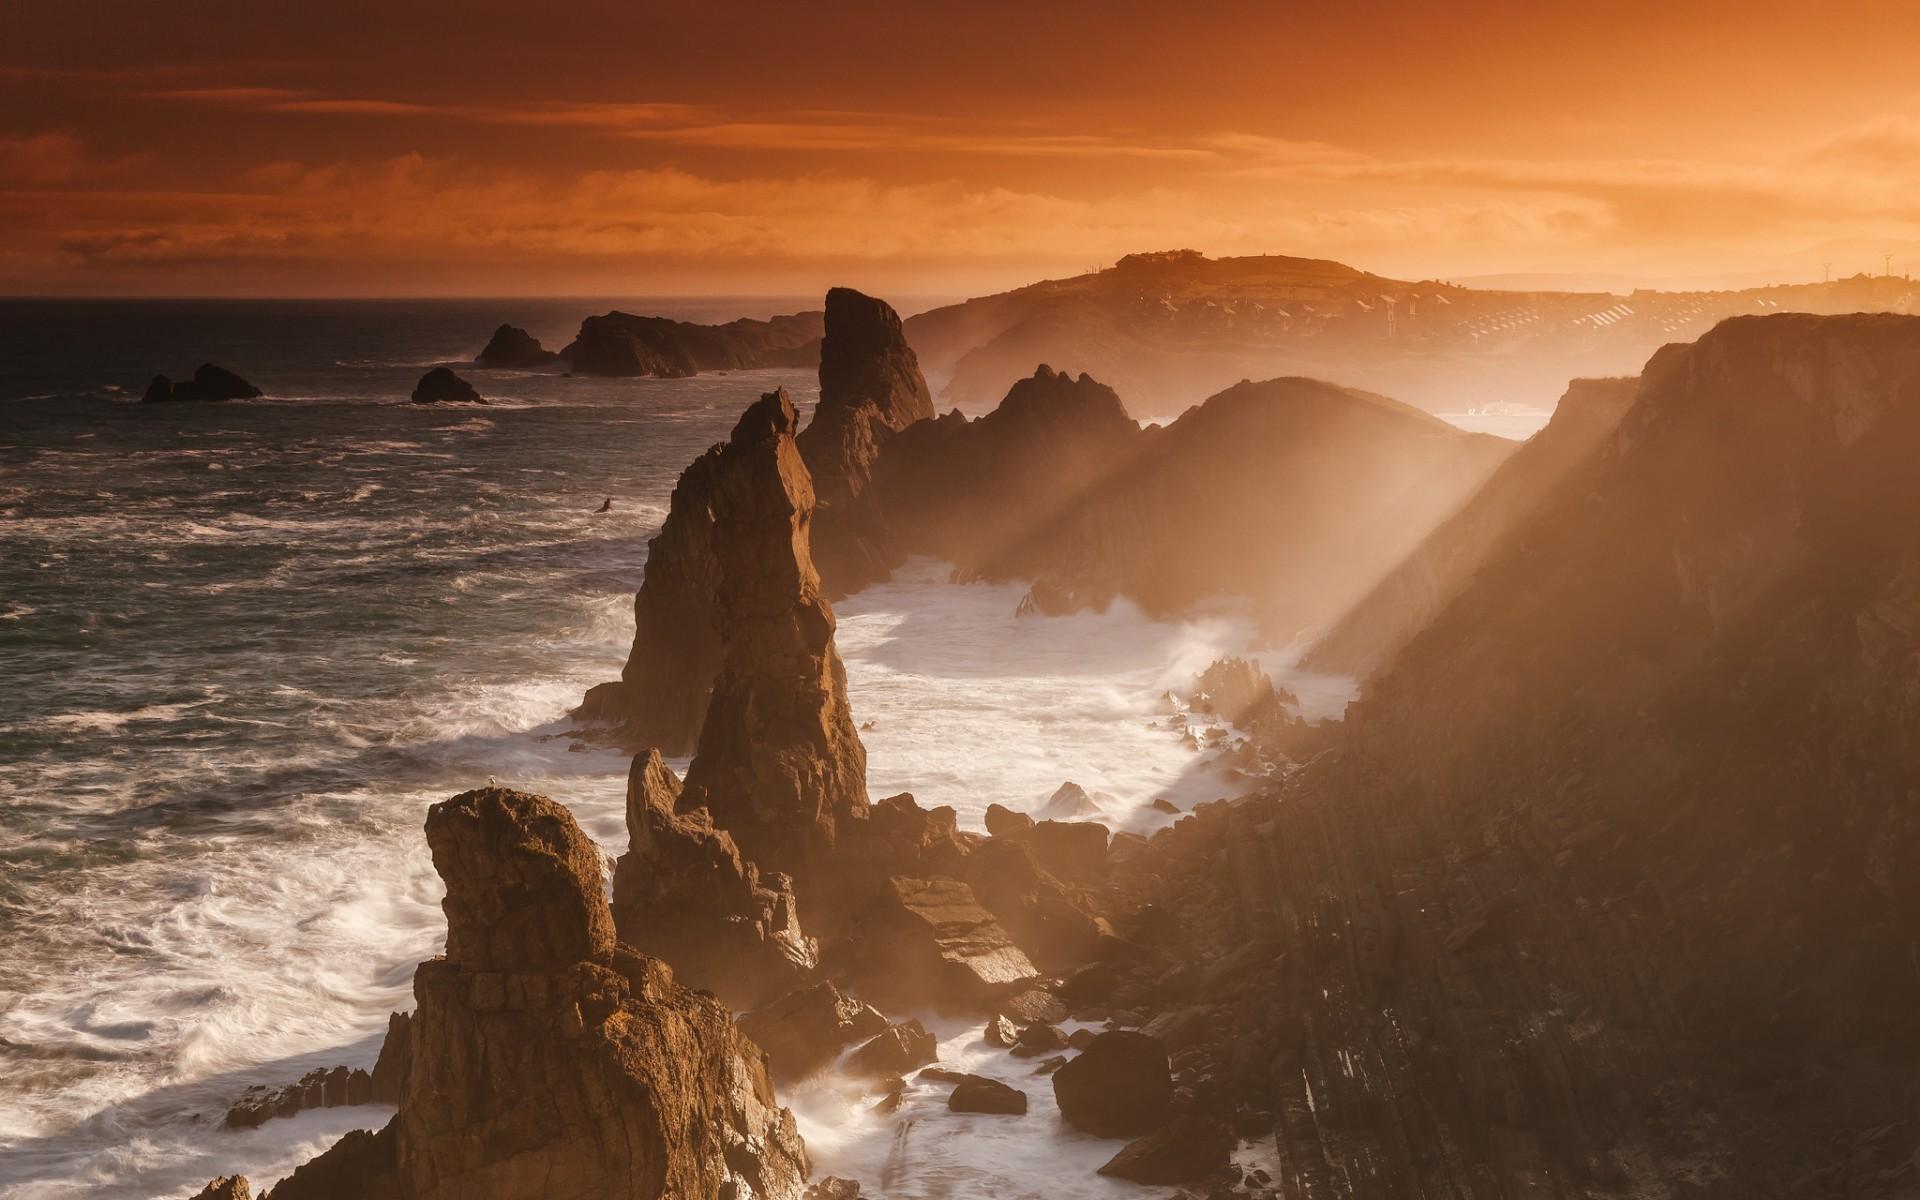 Море камни горы рассвет фото